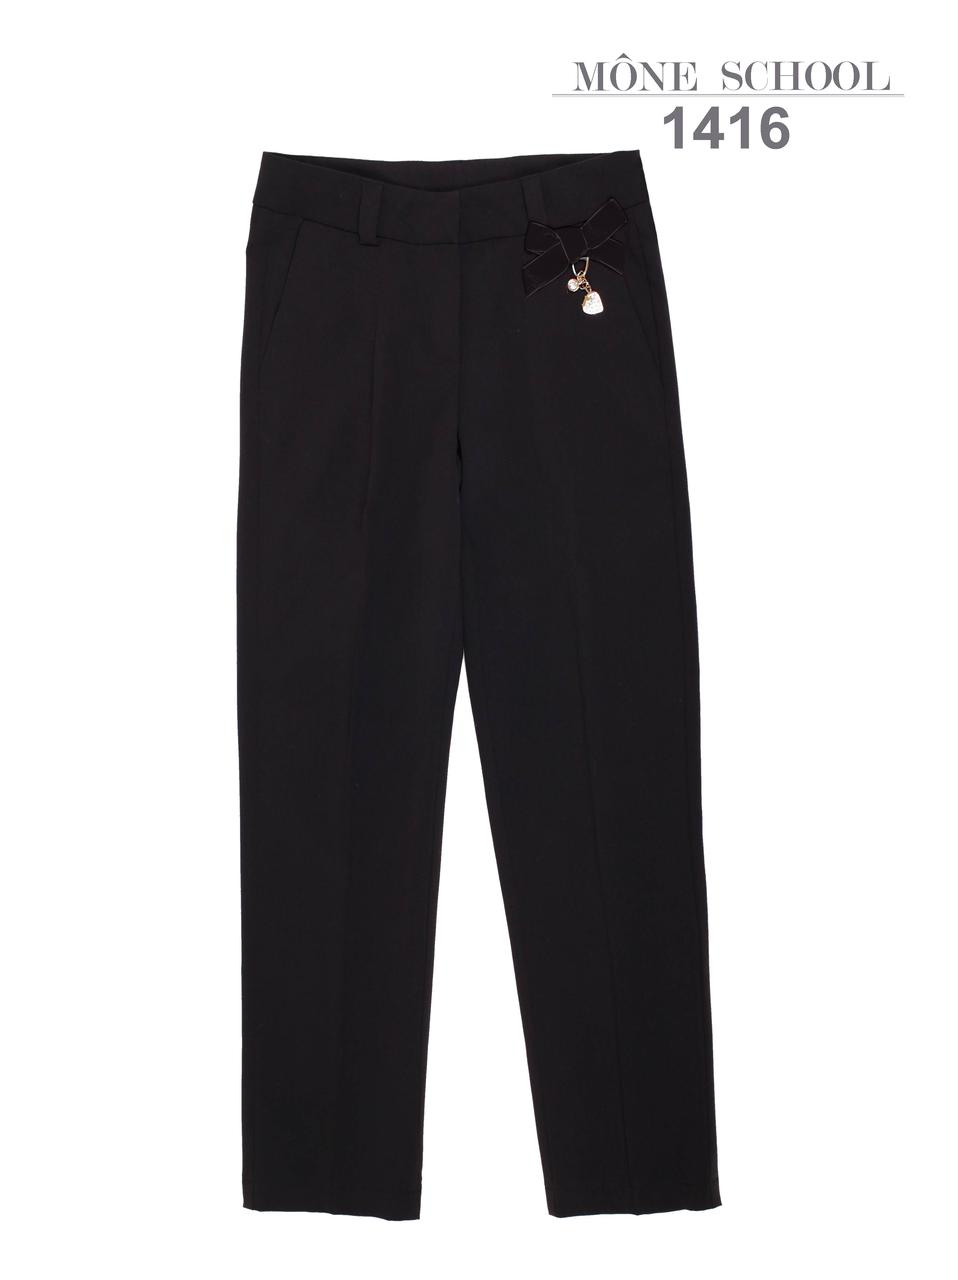 Классические школьные брюки р-ры 122,134,140,146,158,164